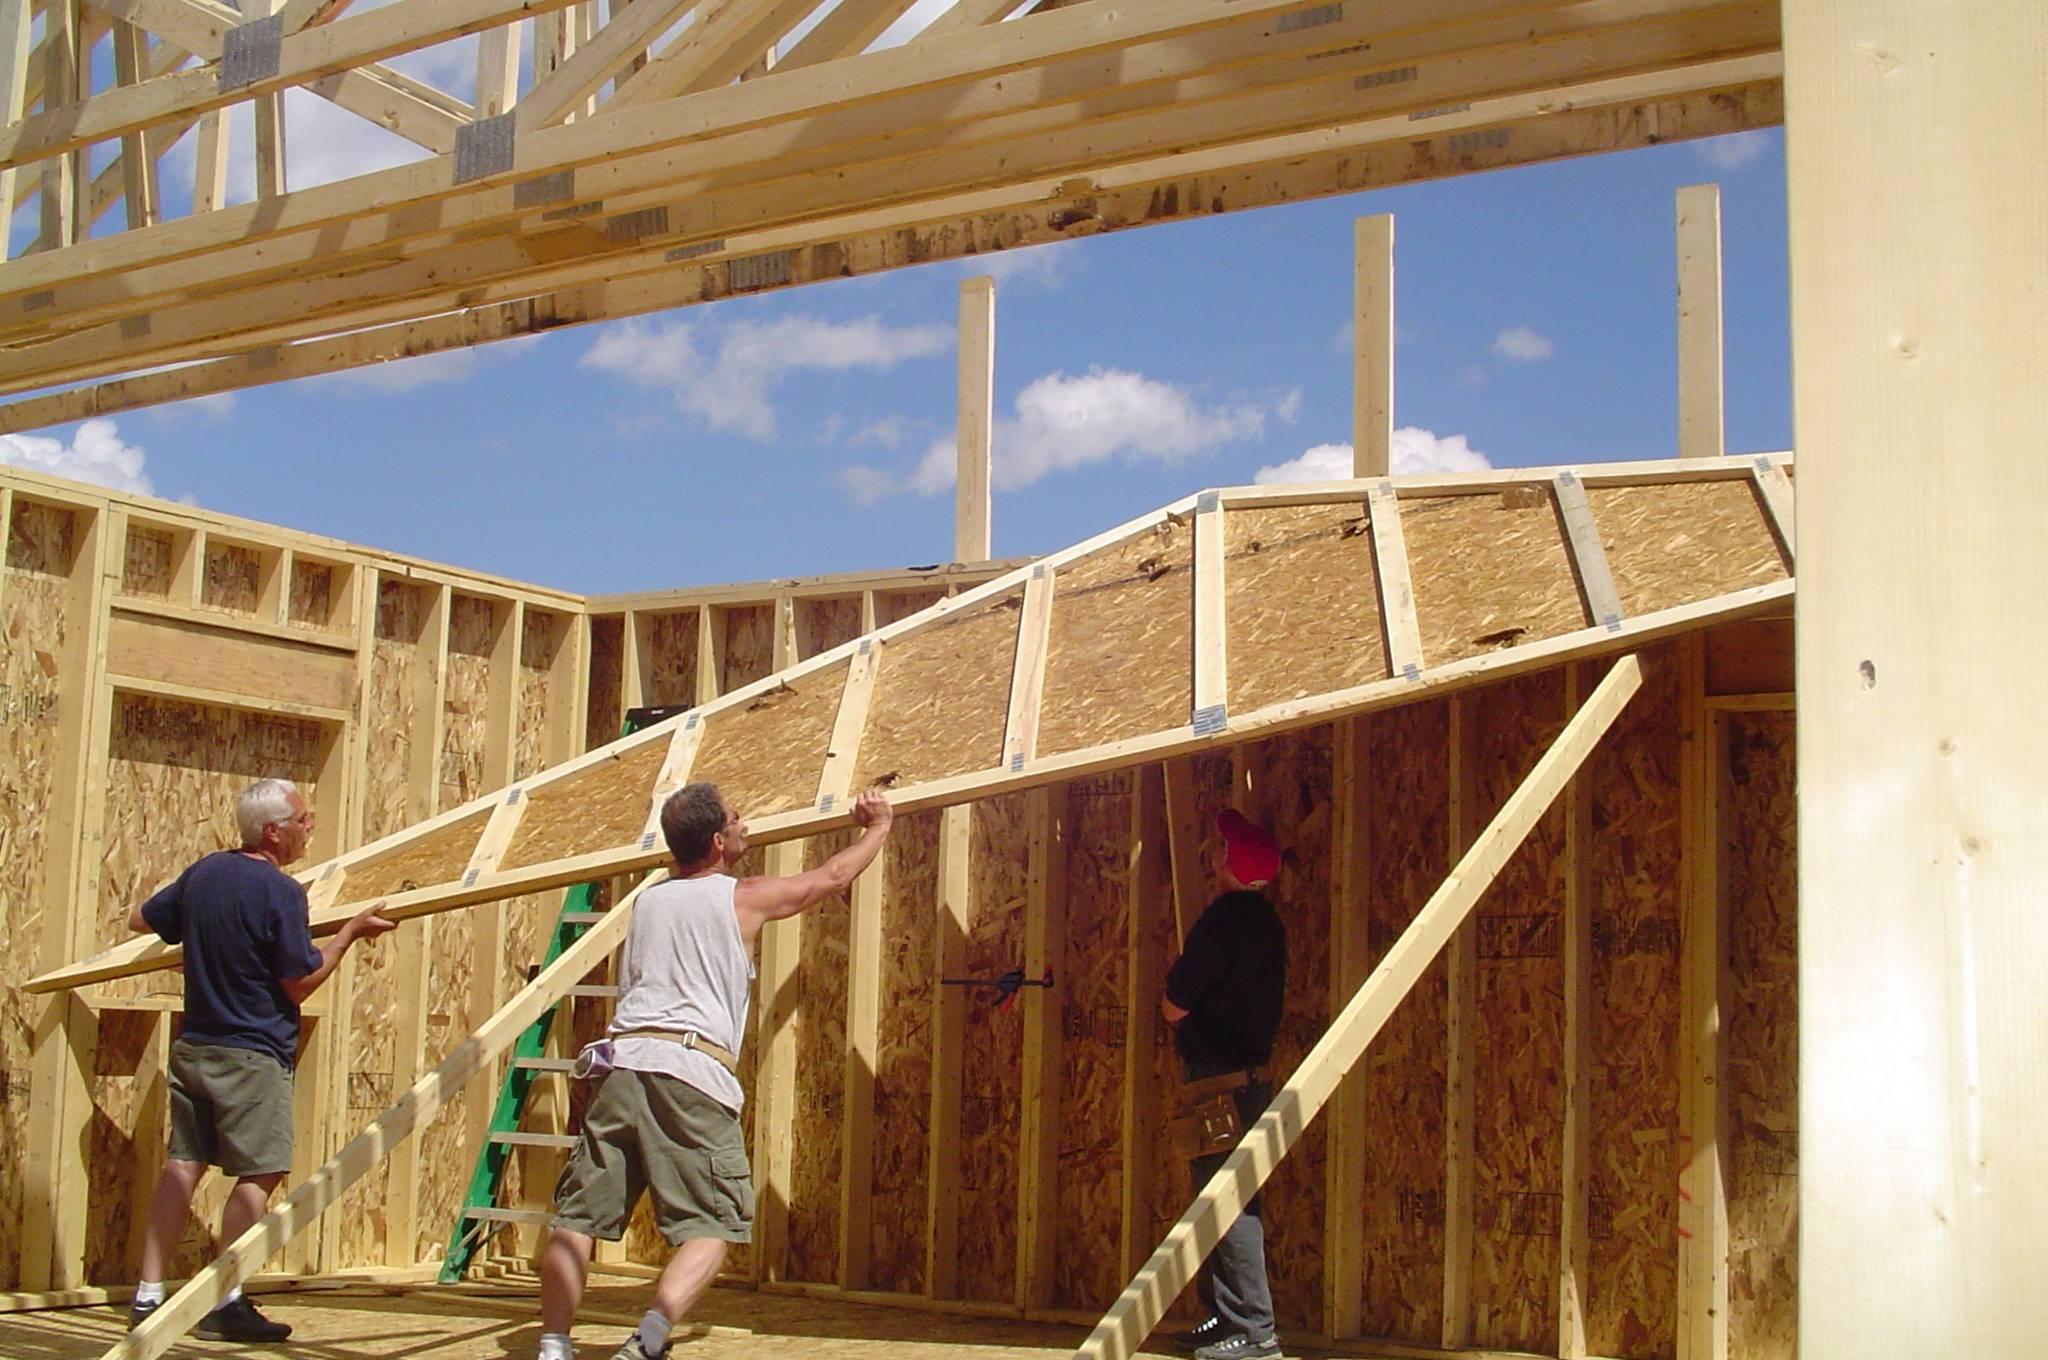 Каркасные дома: преимущества, недостатки и нюансы технологии, проекты, этапы сборки